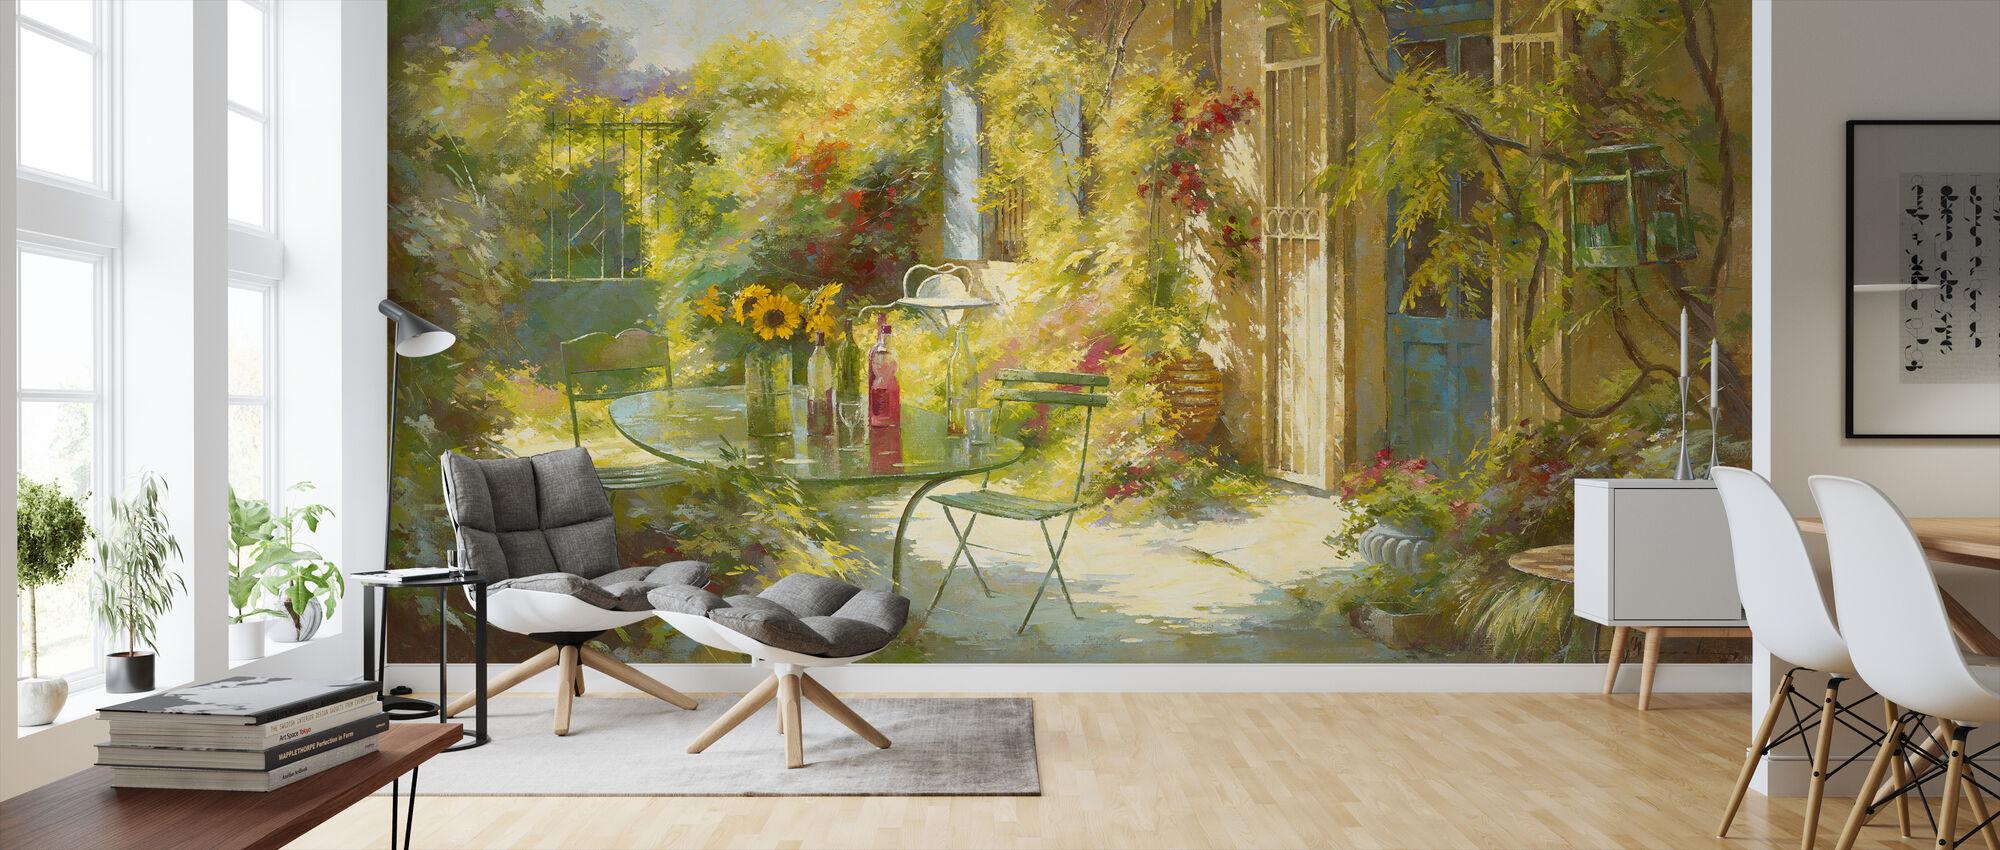 Apero Chez Les Amis - Wallpaper - Living Room